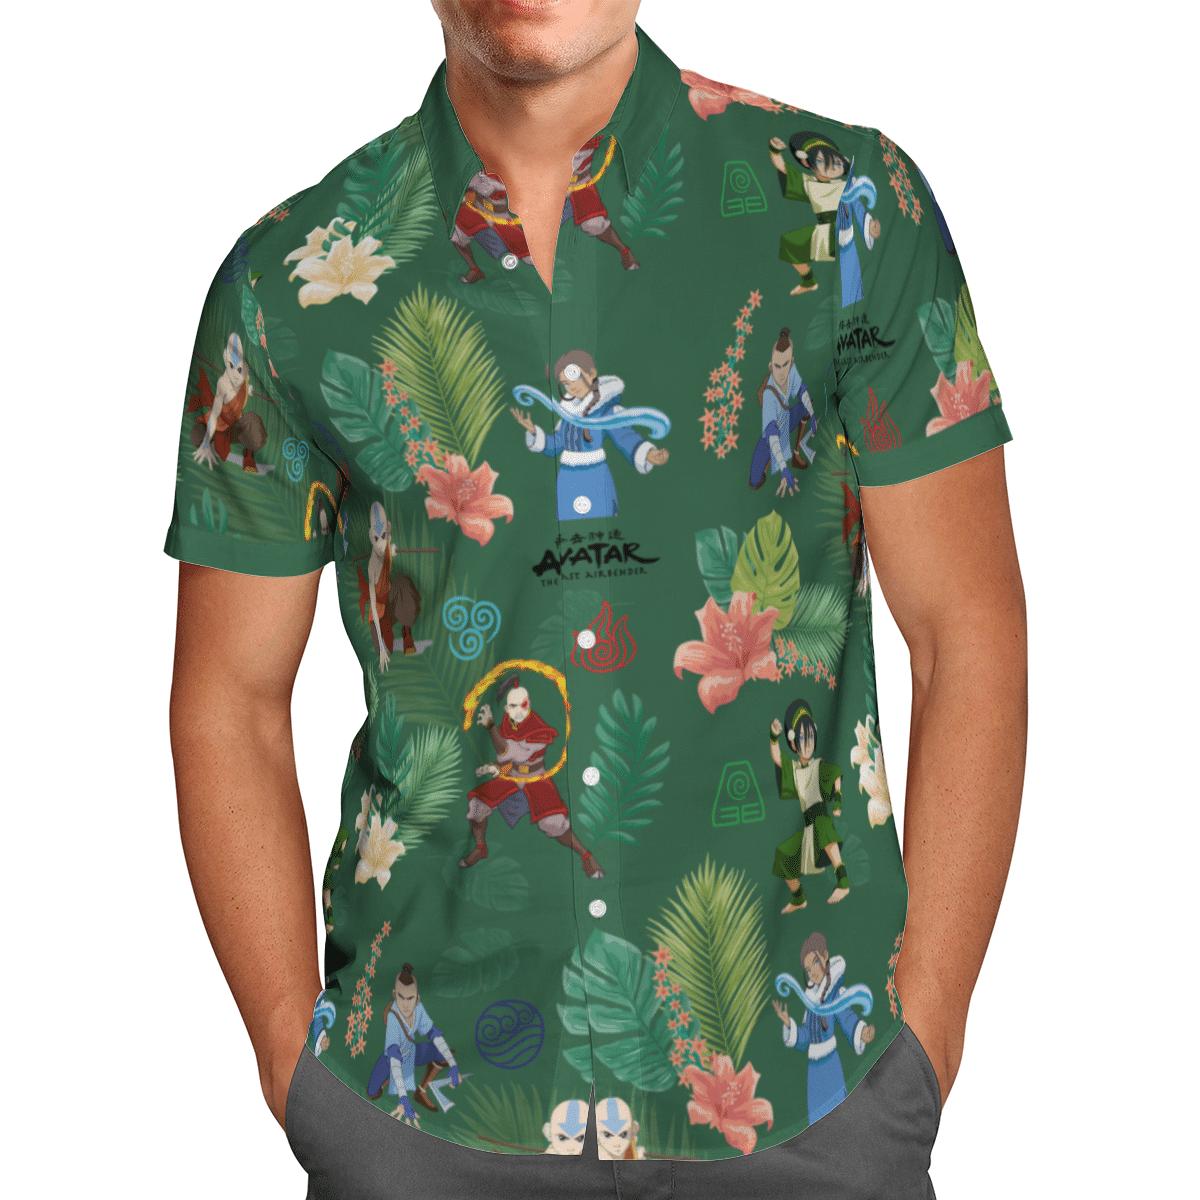 Earth Kingdom Avatar Hawaiian shirt